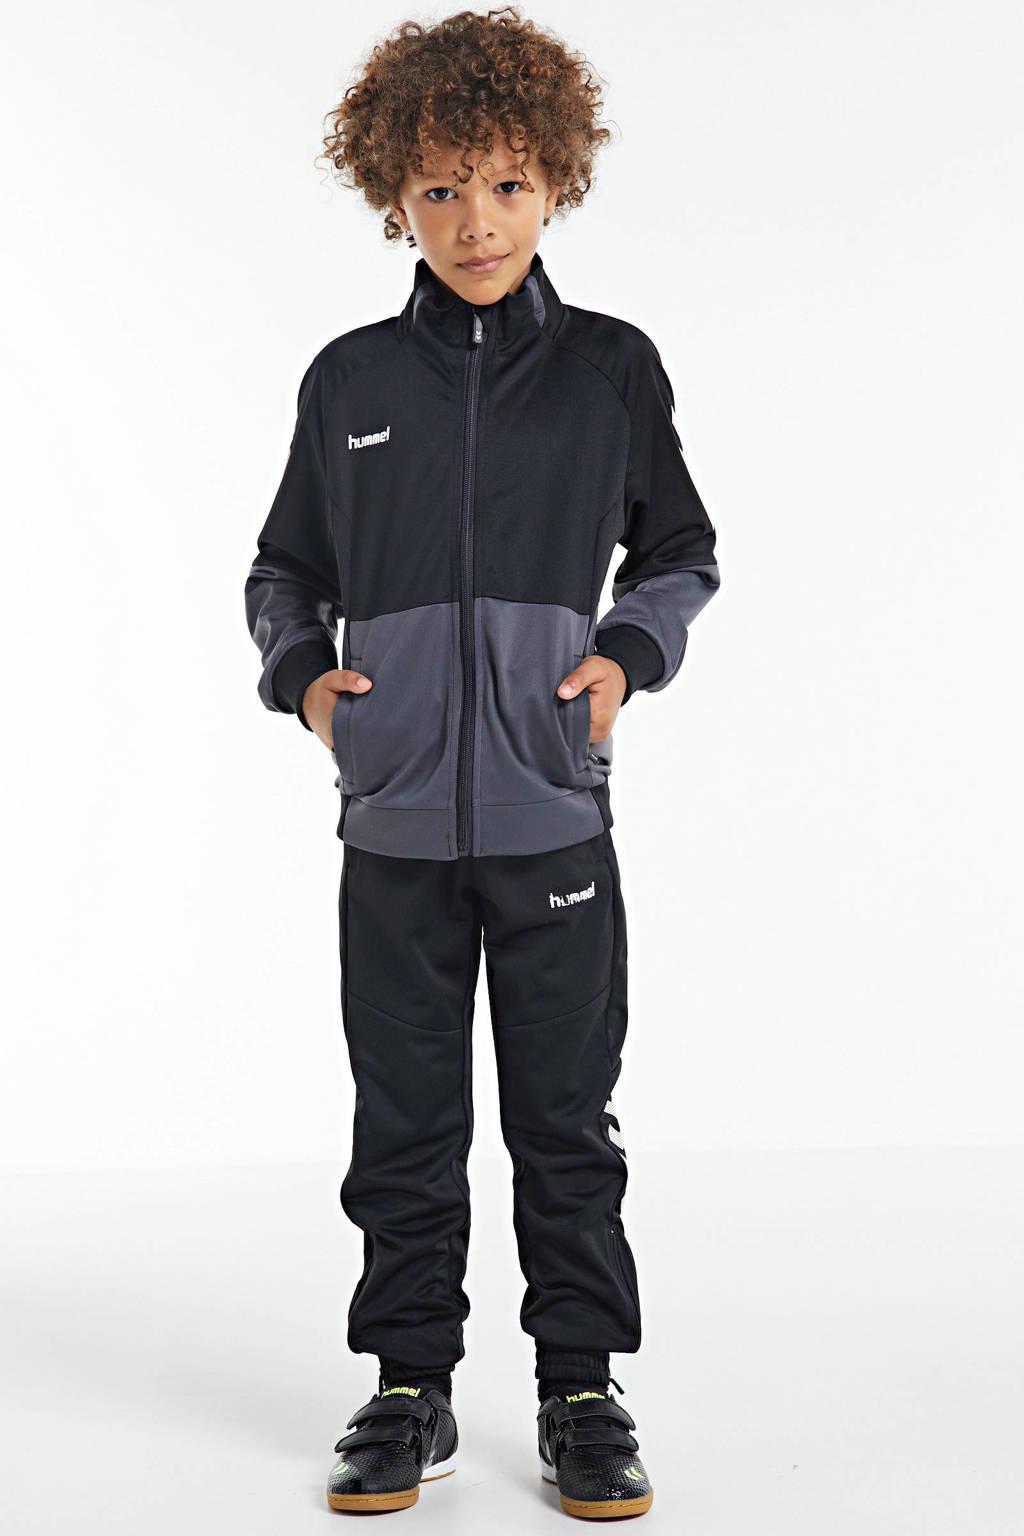 hummel Zoom JR IN  sportschoenen zwart/geel, Zwart/geel